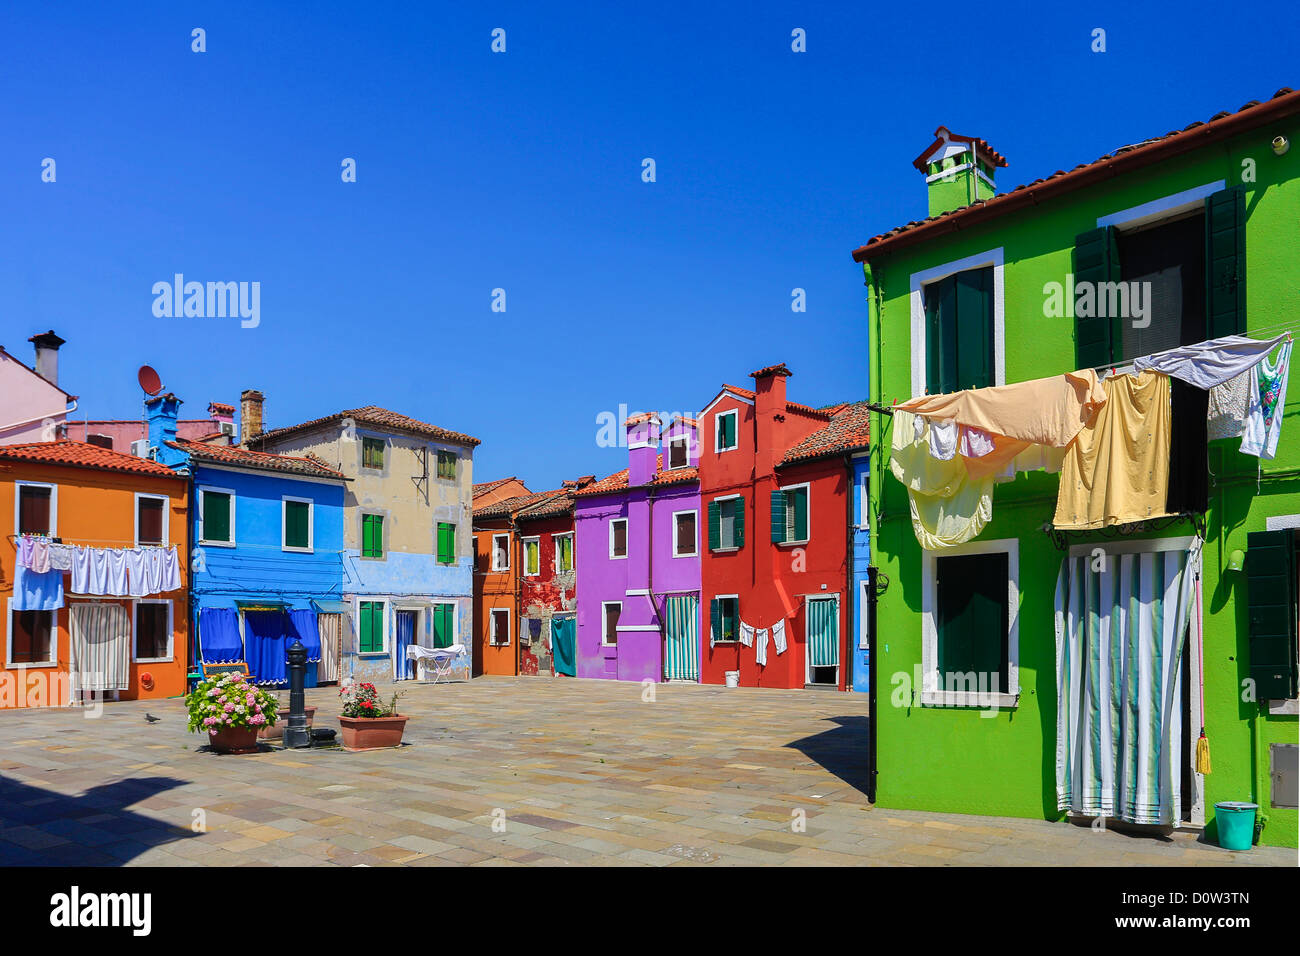 L'Italia, Europa, viaggi, Burano, architettura, colorati, colori, turismo, Venezia, case Immagini Stock